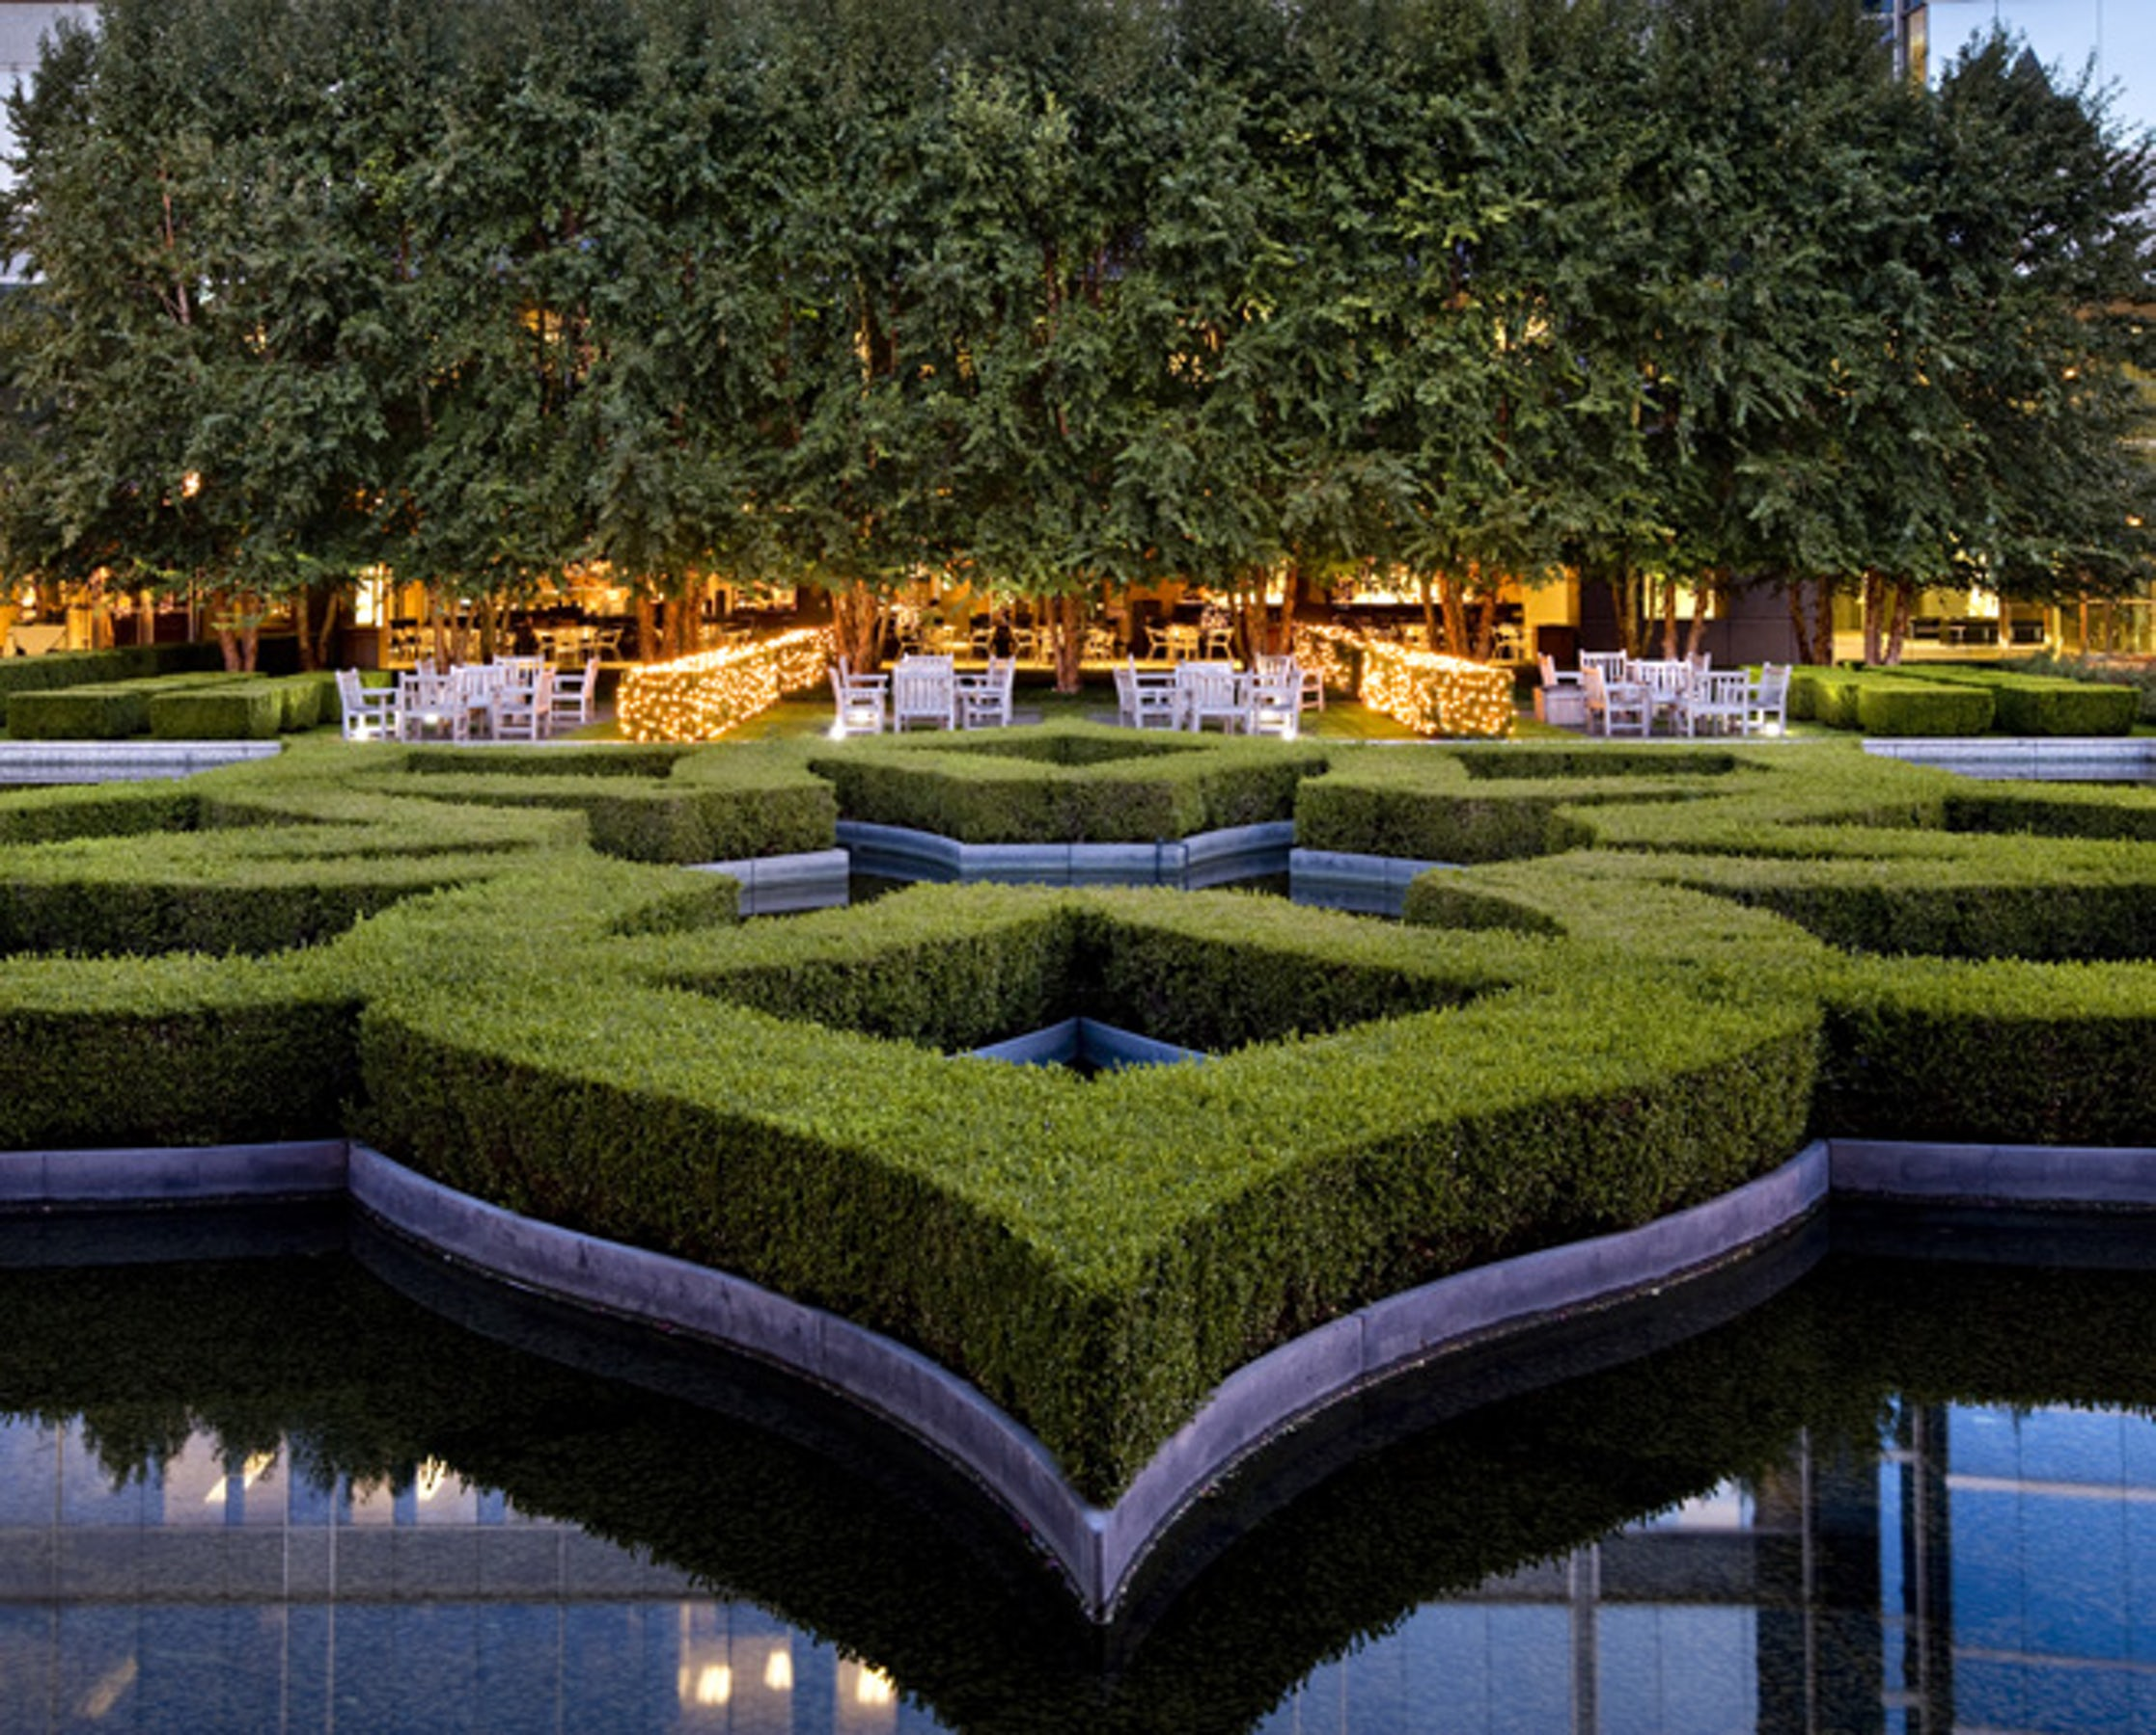 Marie Gabrielle Restaurant & Garden in Beyond Dallas